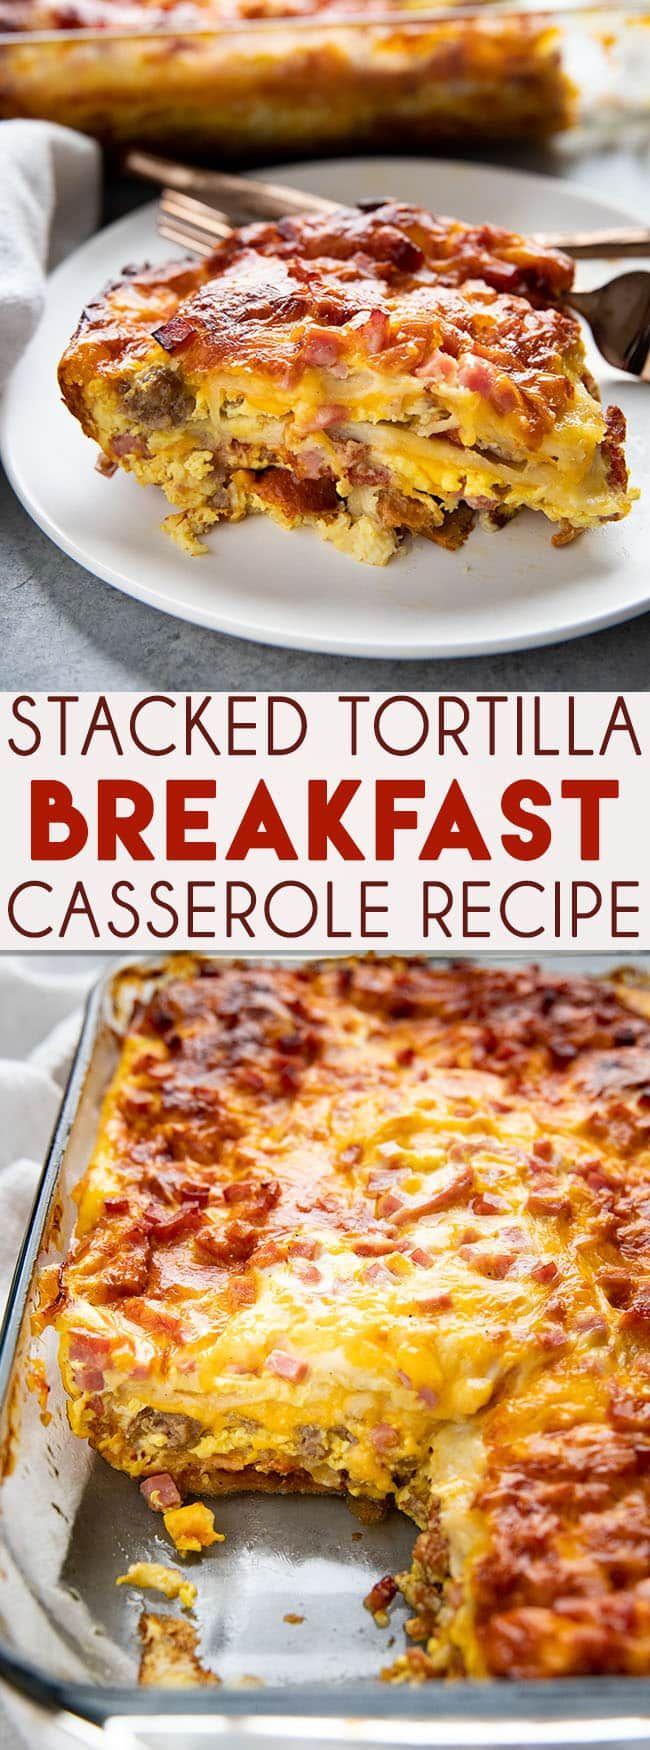 Stacked Tortilla Breakfast Casserole - The Salty Marshmallow